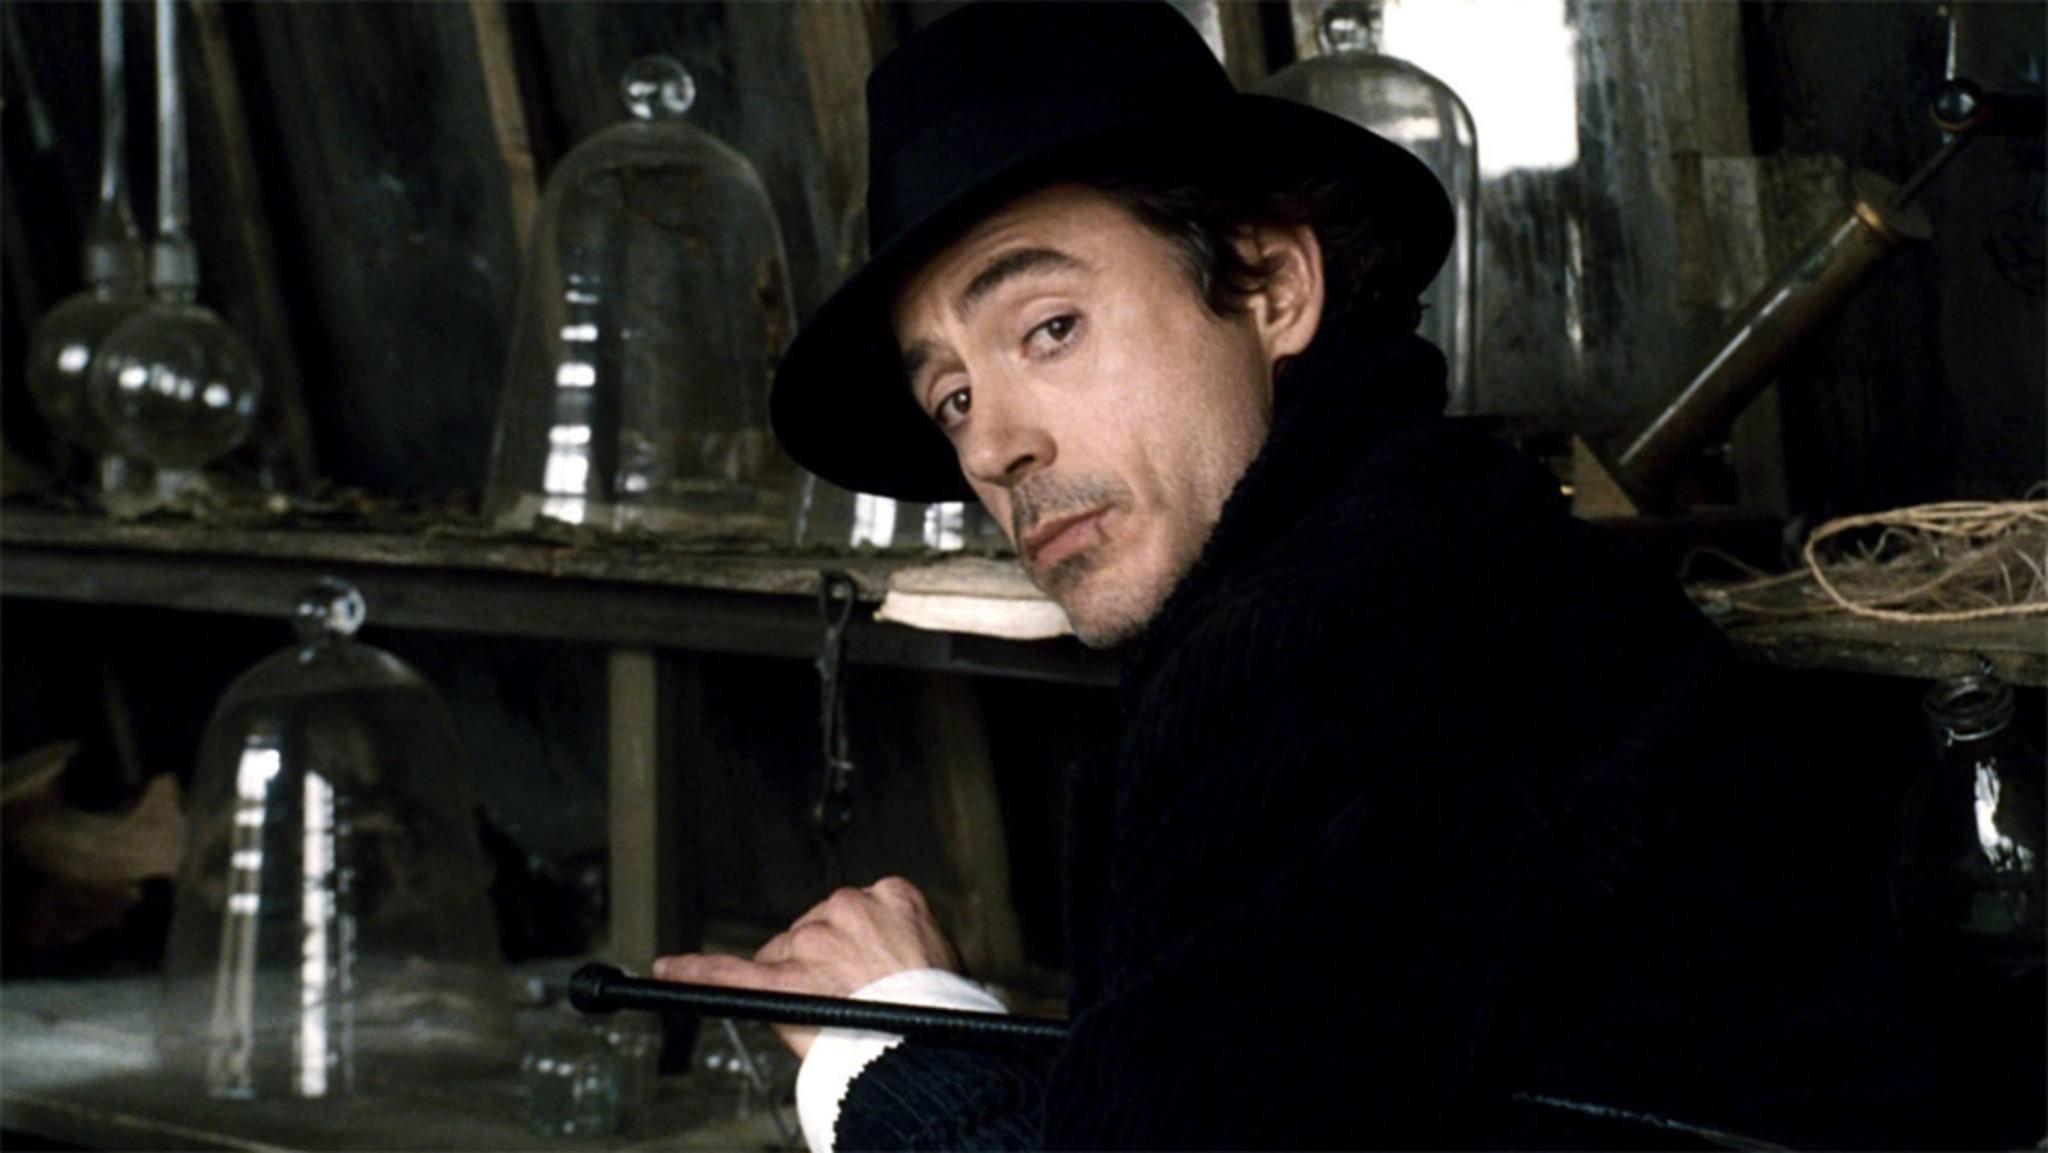 Sherlock Holmes (hier: Robert Downey Jr.) ist der Held einiger Detektivfilme.